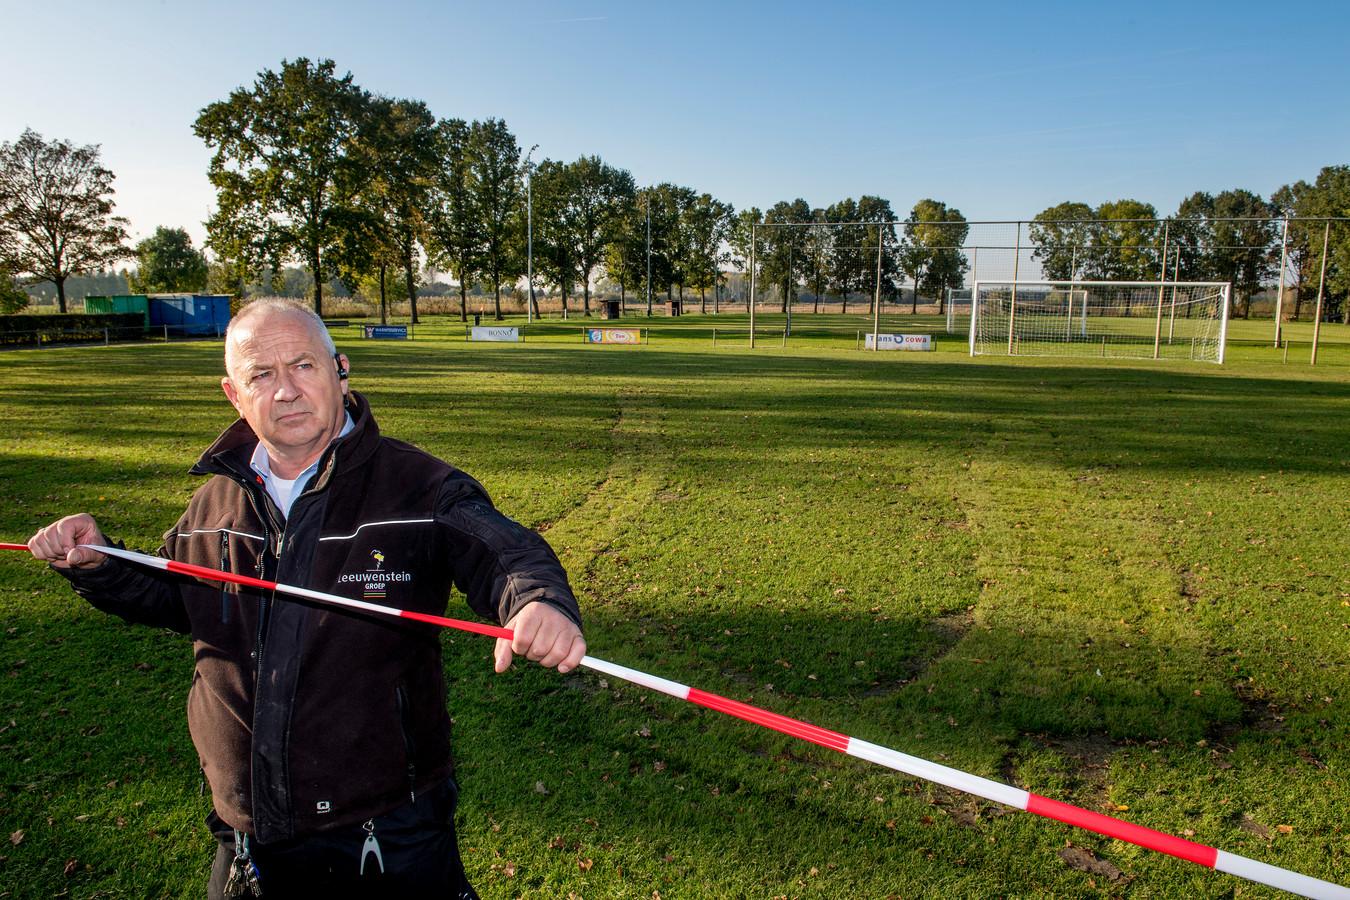 Terreinknecht Paul Schimmel van voetbalclub DSS'14.